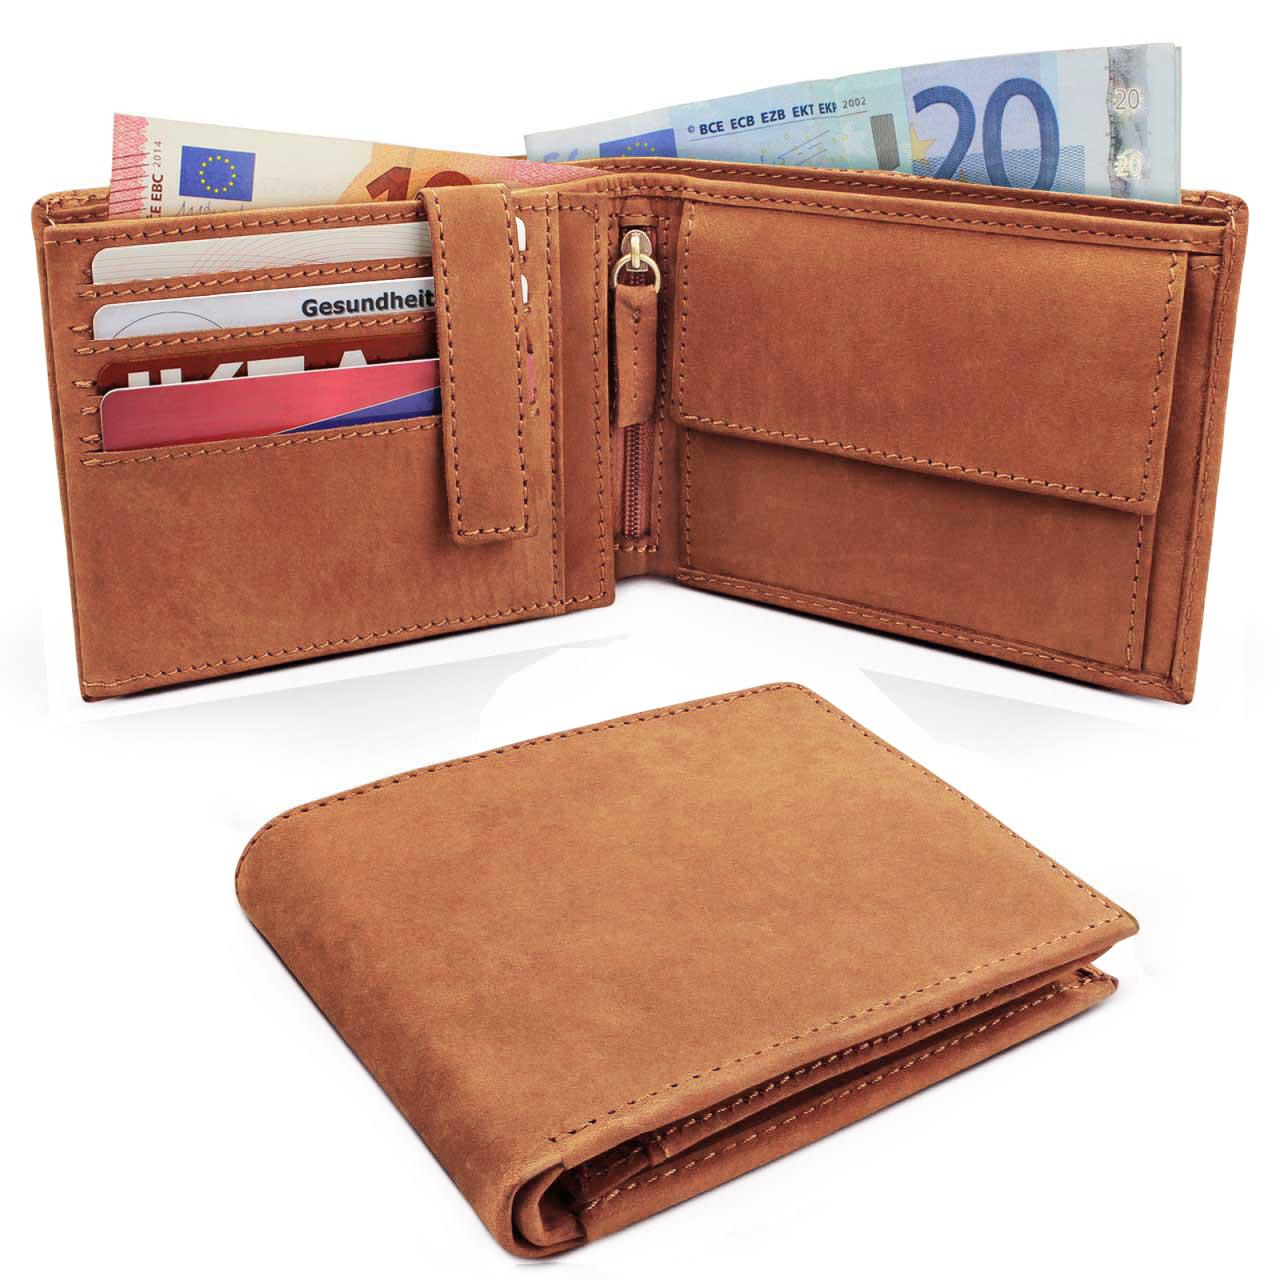 Portemonnaie-Leder-braun